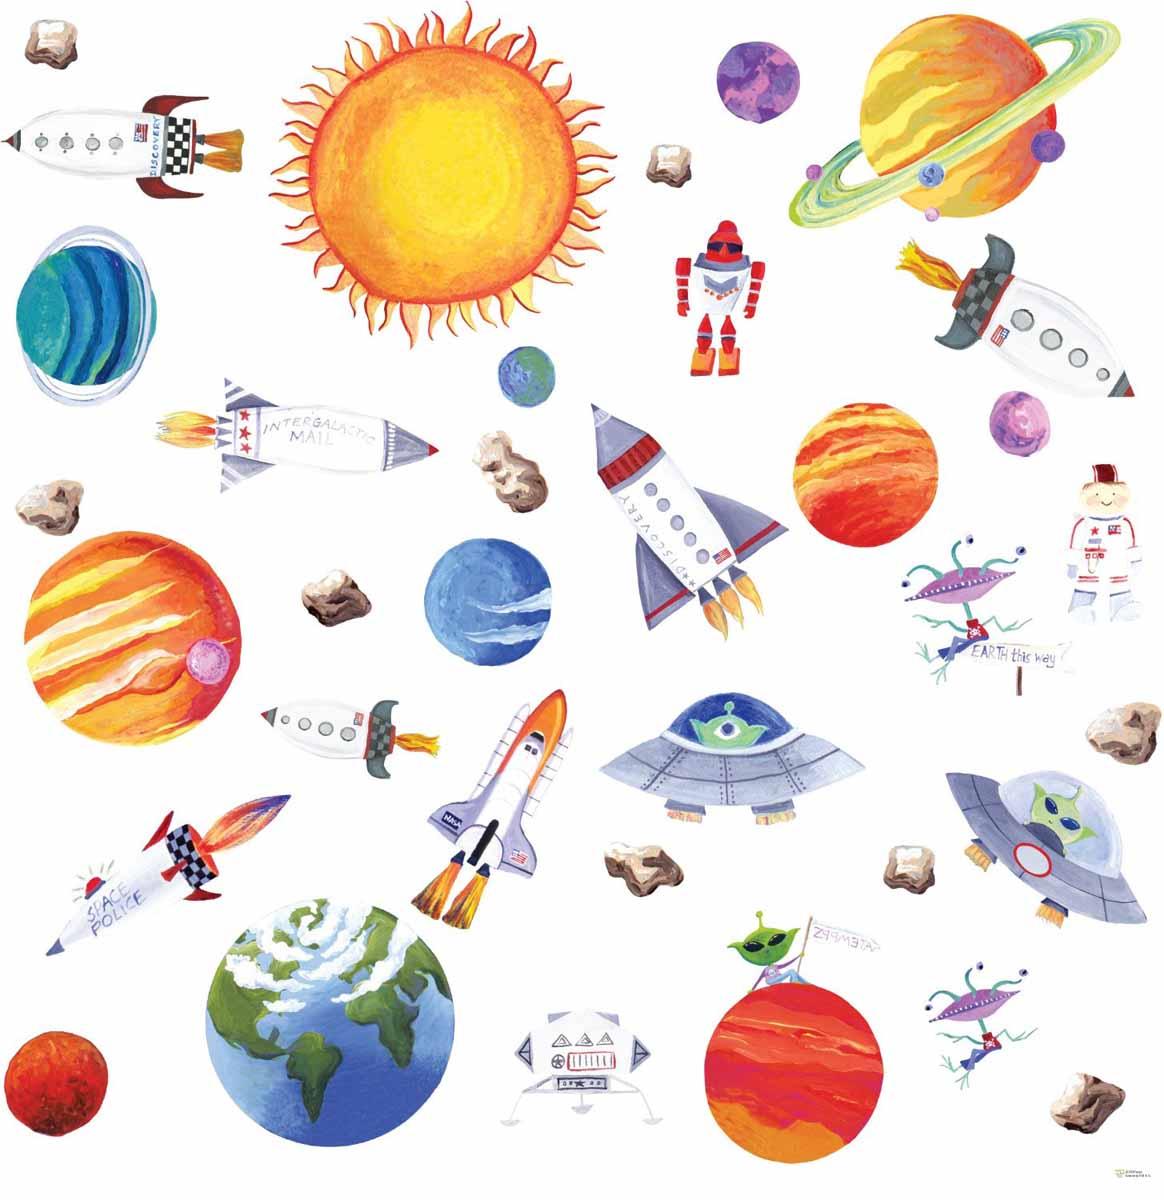 RoomMates Наклейки для декора КосмосRMK1316SCSНаклейки для декора Космос от знаменитого производителя RoomMates станут украшением вашей квартиры! Превратите комнату вашего ребенка в полигон отважных исследователей космоса с помощью нового набора наклеек для декора! Наклейки, входящие в набор, содержат изображения всех планет Солнечной системы, самого солнца, а также космических ракет и даже корабля пришельцев! Наклейки не нужно вырезать - их следует просто отсоединить от защитного слоя и поместить на стену или любую другую плоскую гладкую поверхность. Наклейки многоразовые: их легко переклеивать и снимать со стены, они не оставляют липких следов на поверхности. В каждой индивидуальной упаковке вы можете найти 4 листа с различными наклейками! Таким образом, покупая наклейки фирмы RoomMates, вы получаете гораздо больший ассортимент наклеек, имея возможность украсить ими различные поверхности в доме.